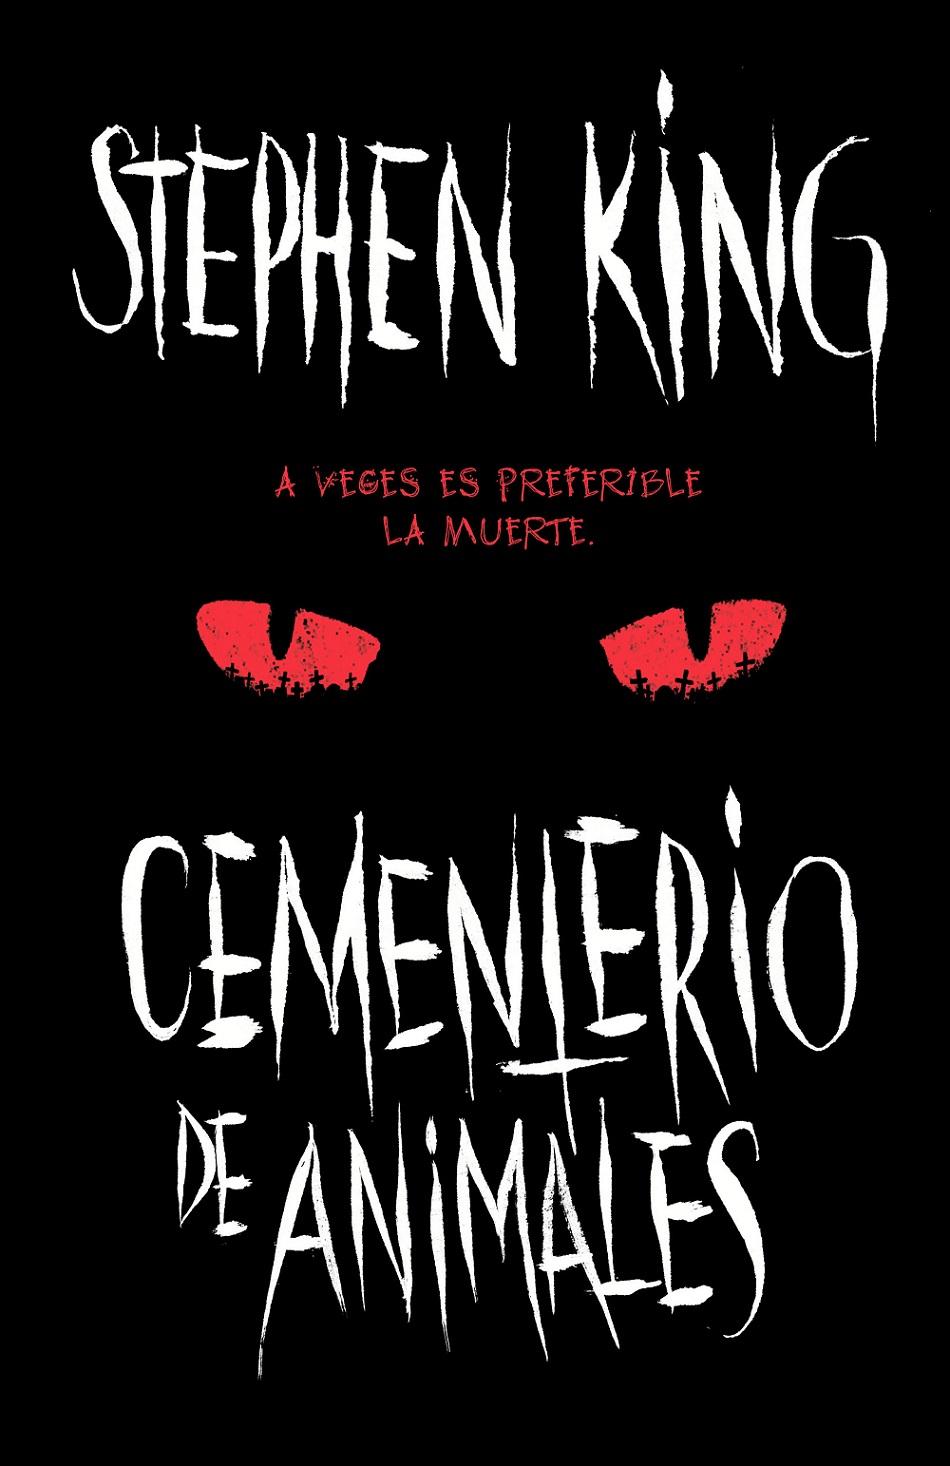 https://laantiguabiblos.blogspot.com/2019/11/cementerio-de-animales-stephen-king.html